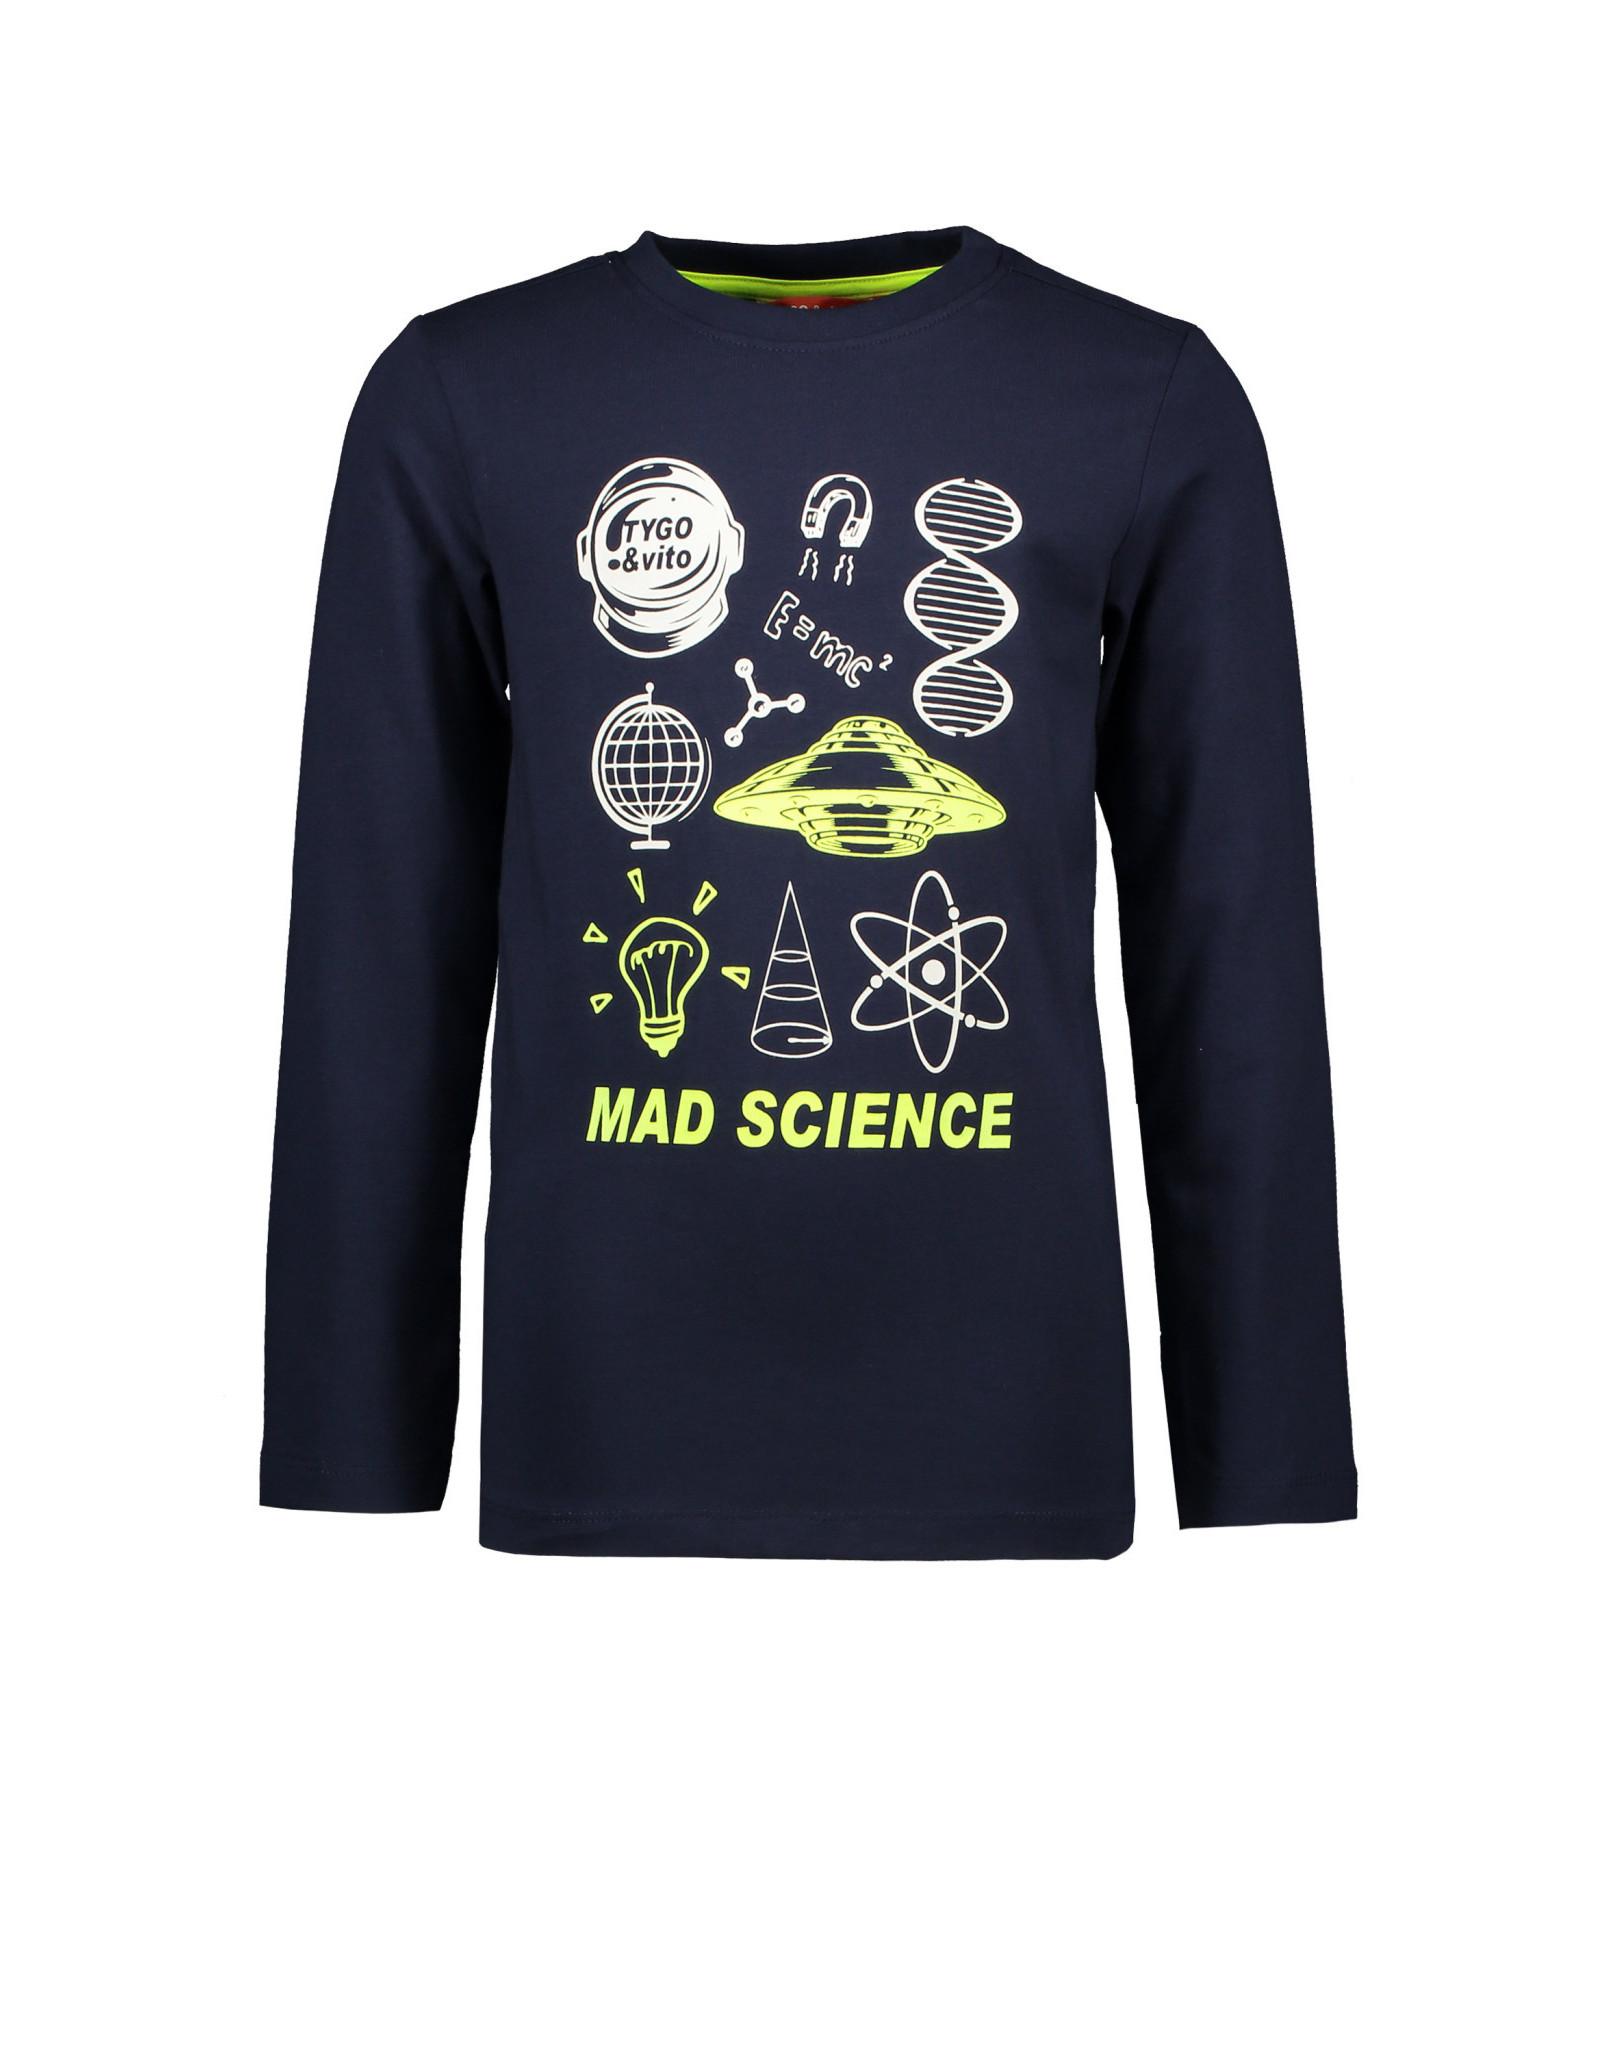 TYGO&vito longsleeve mad science